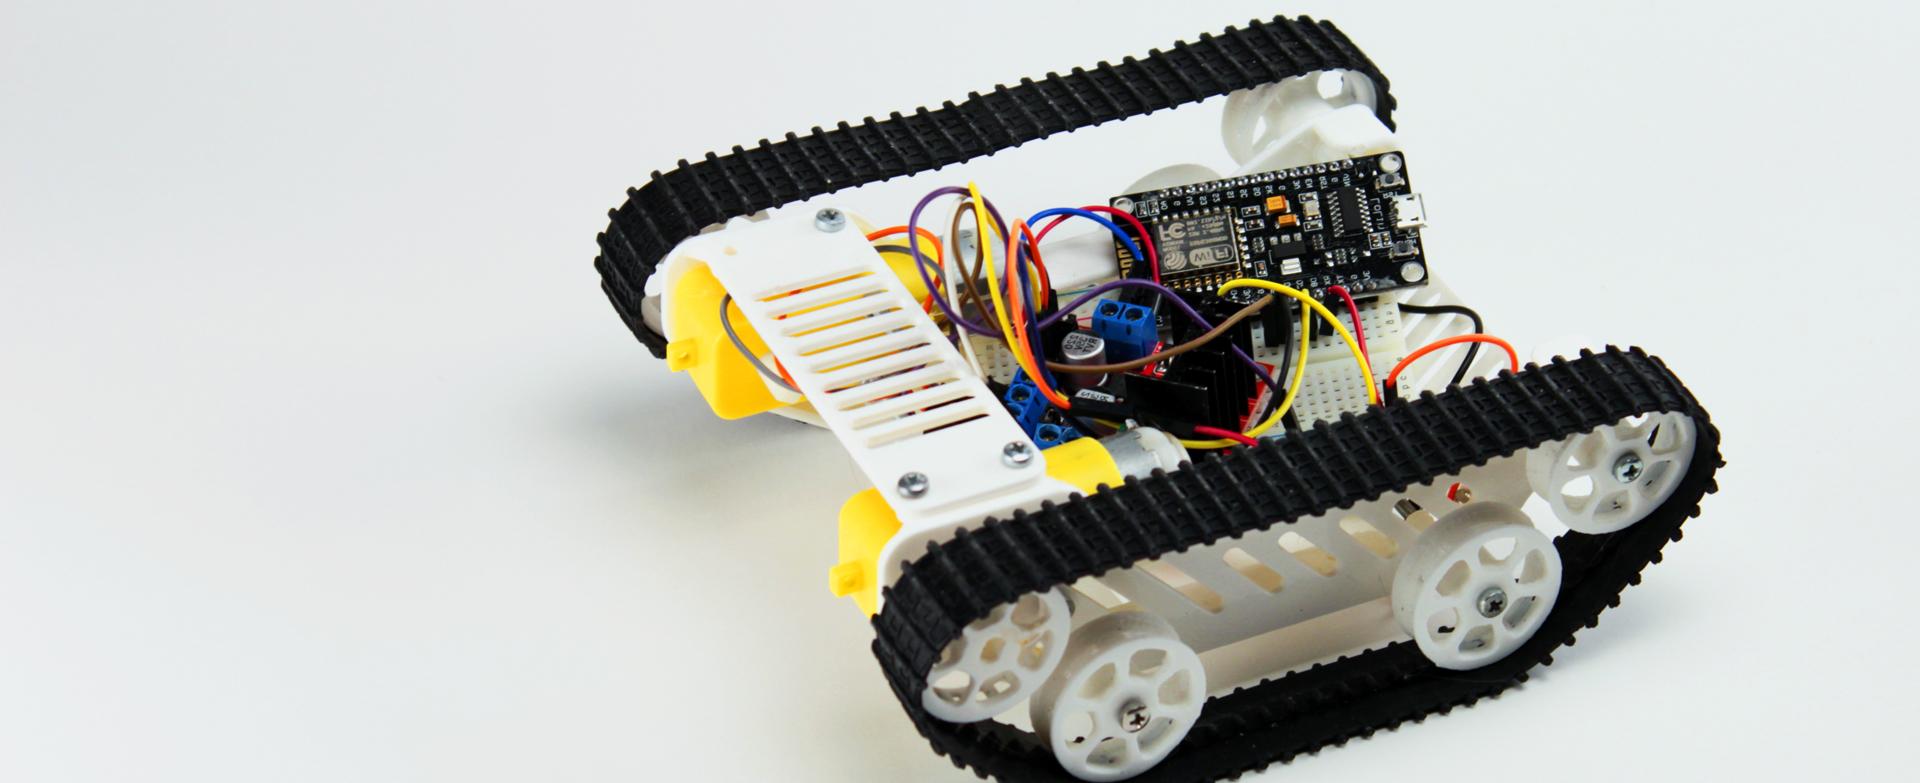 Обучениe робототехнике